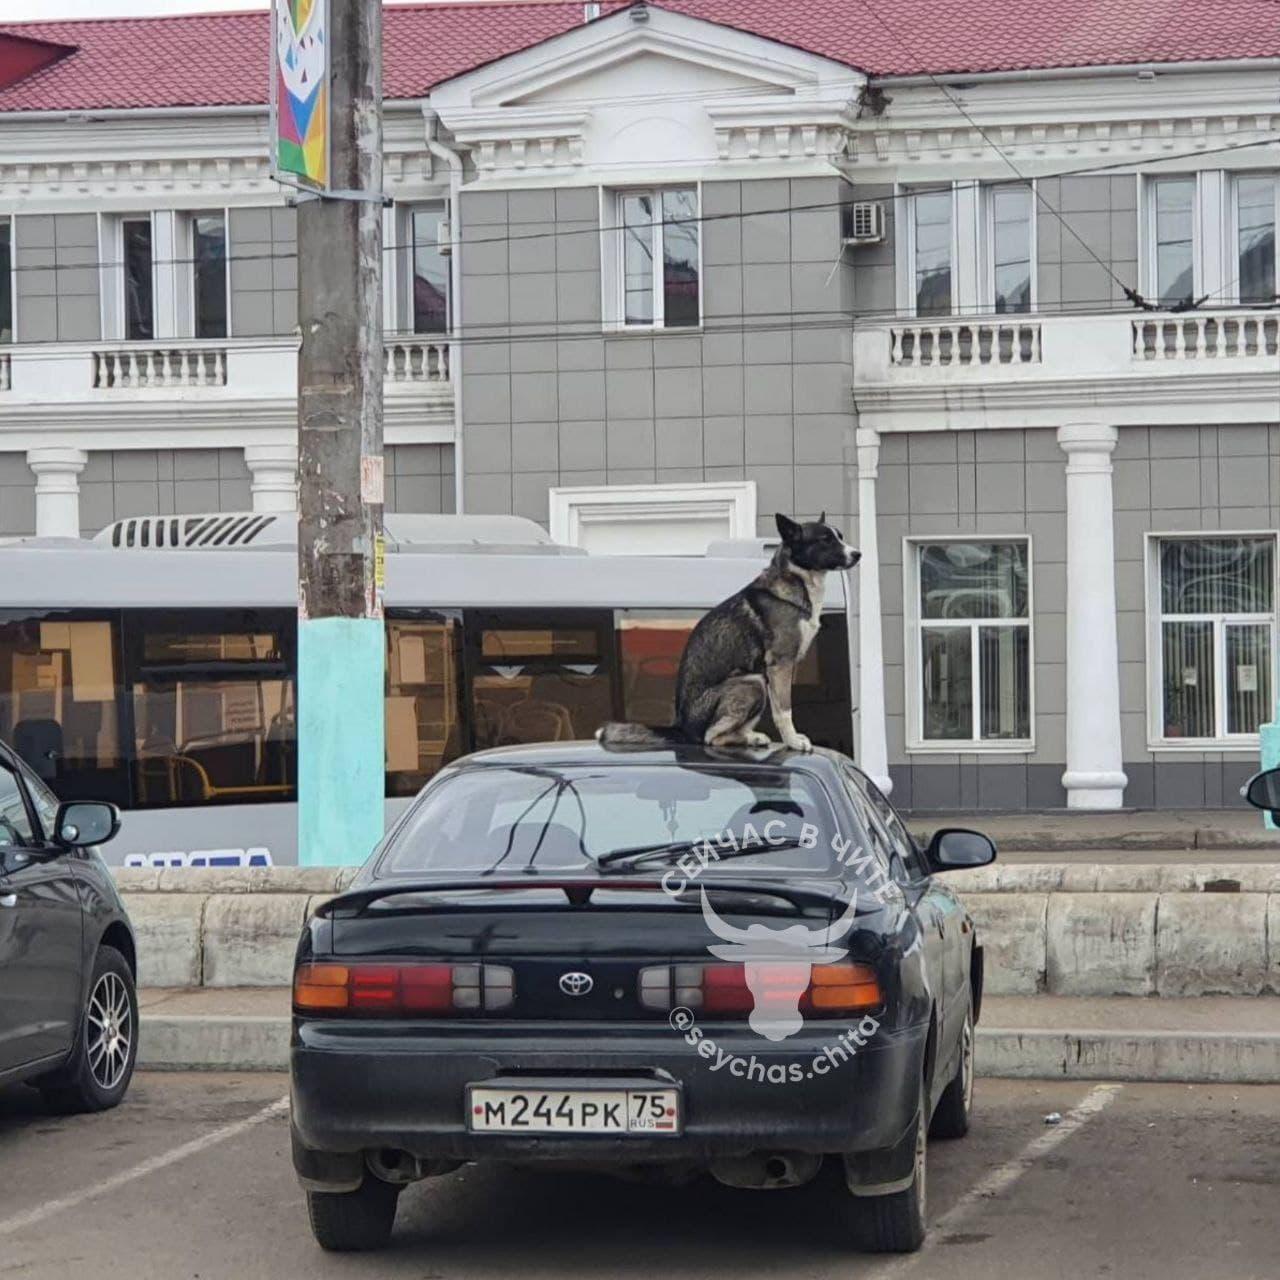 Пропавшая в Чите собака залезла на машину, чтобы ее поскорее нашли